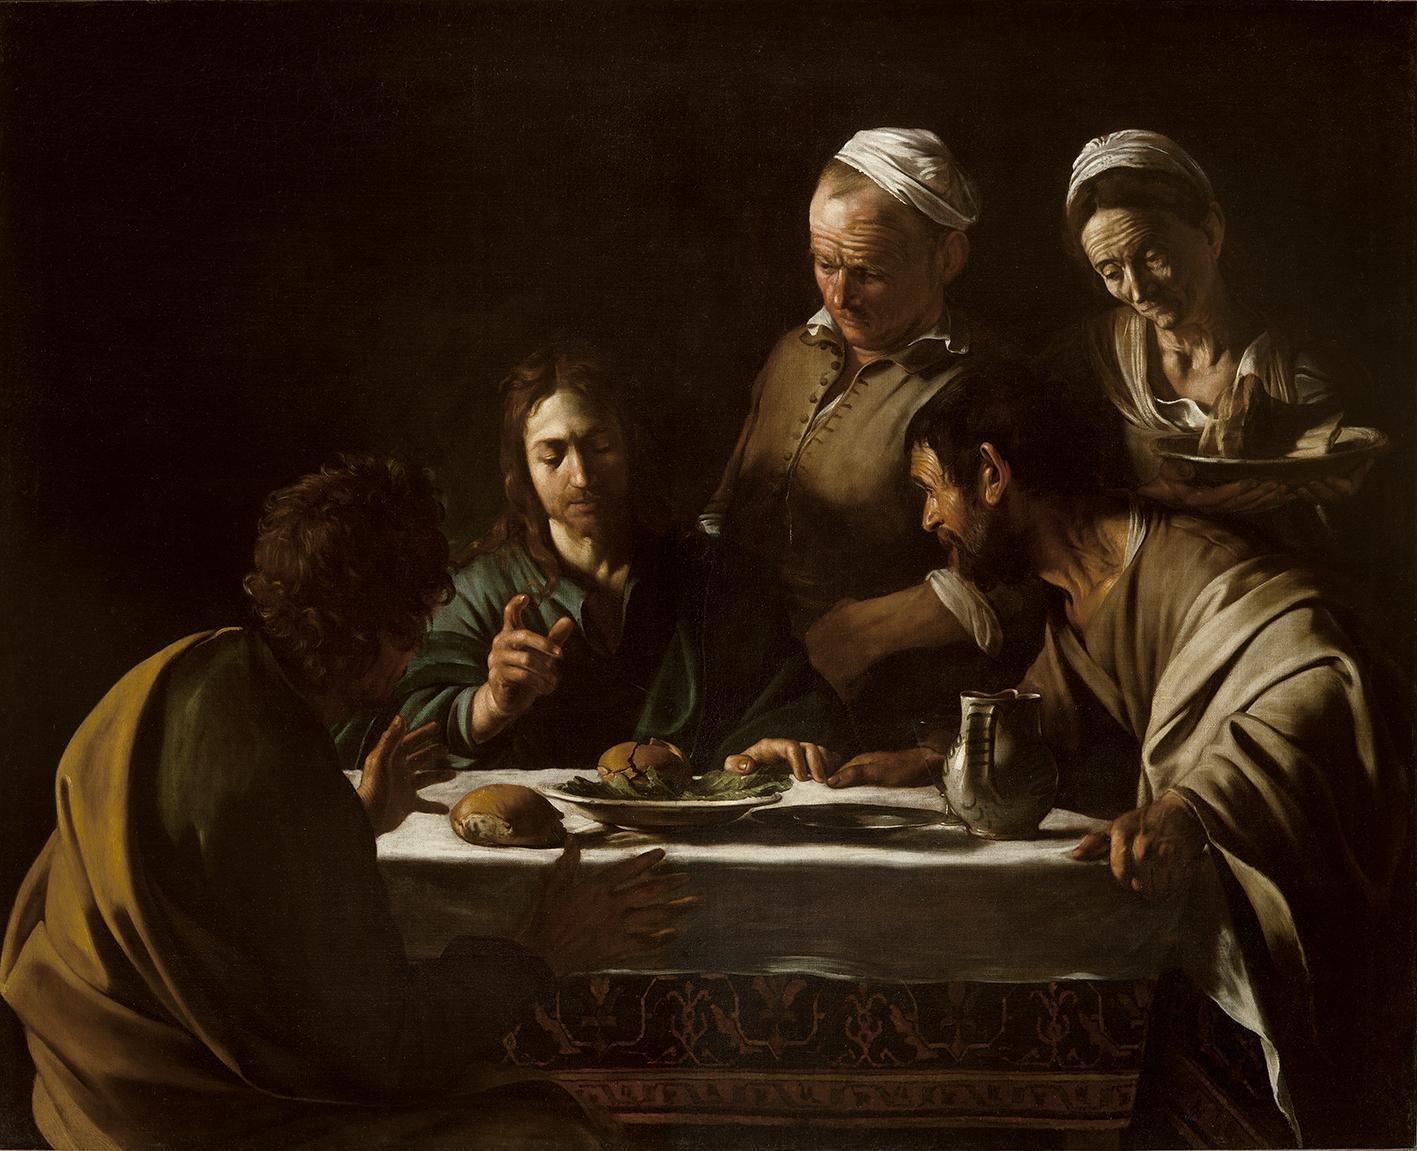 カラヴァッジョ 《エマオの晩餐》 1606年 ミラノ、ブレラ絵画館 Photo courtesy of Pinacoteca di Brera, Milan